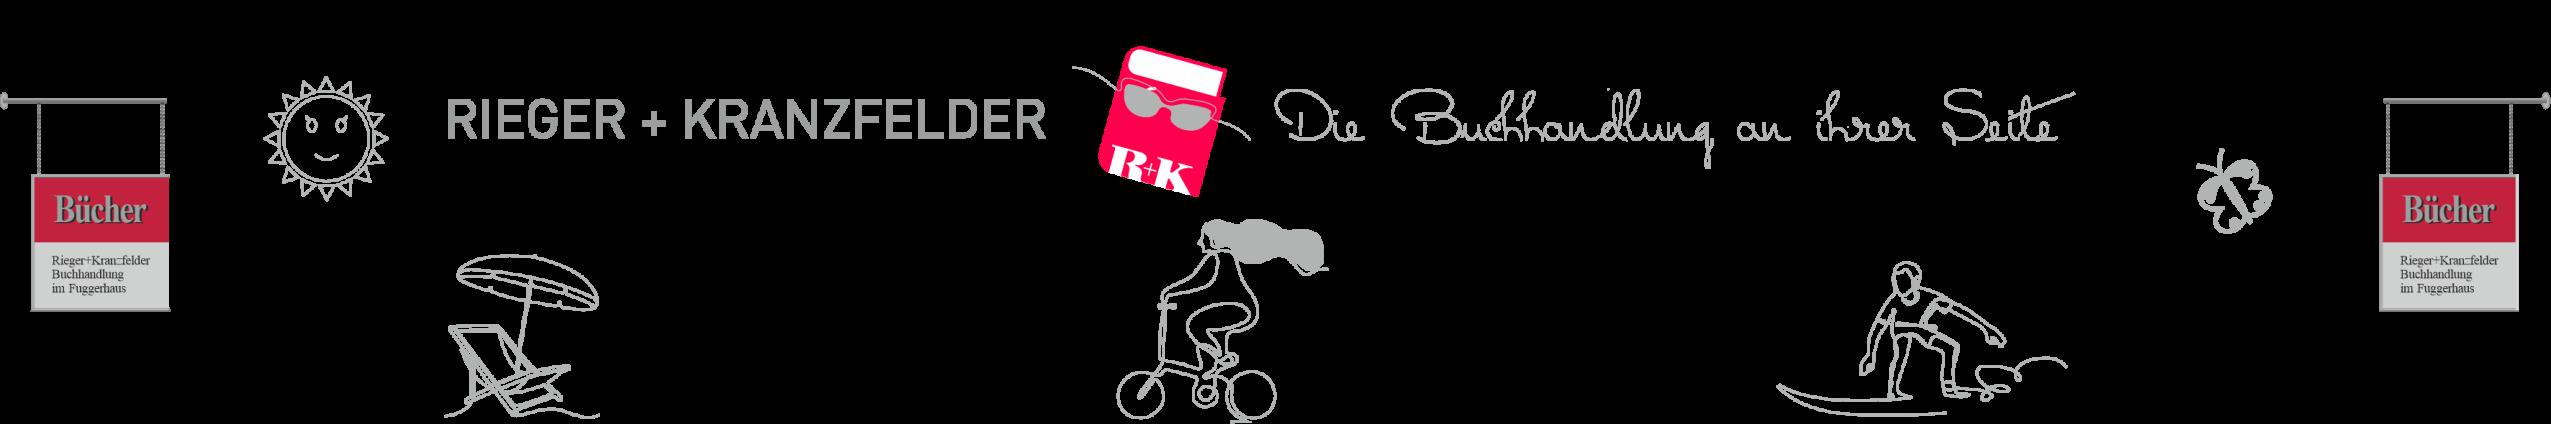 Rieger + Kranzfelder - Ihre Buchhandlung im Fuggerhaus